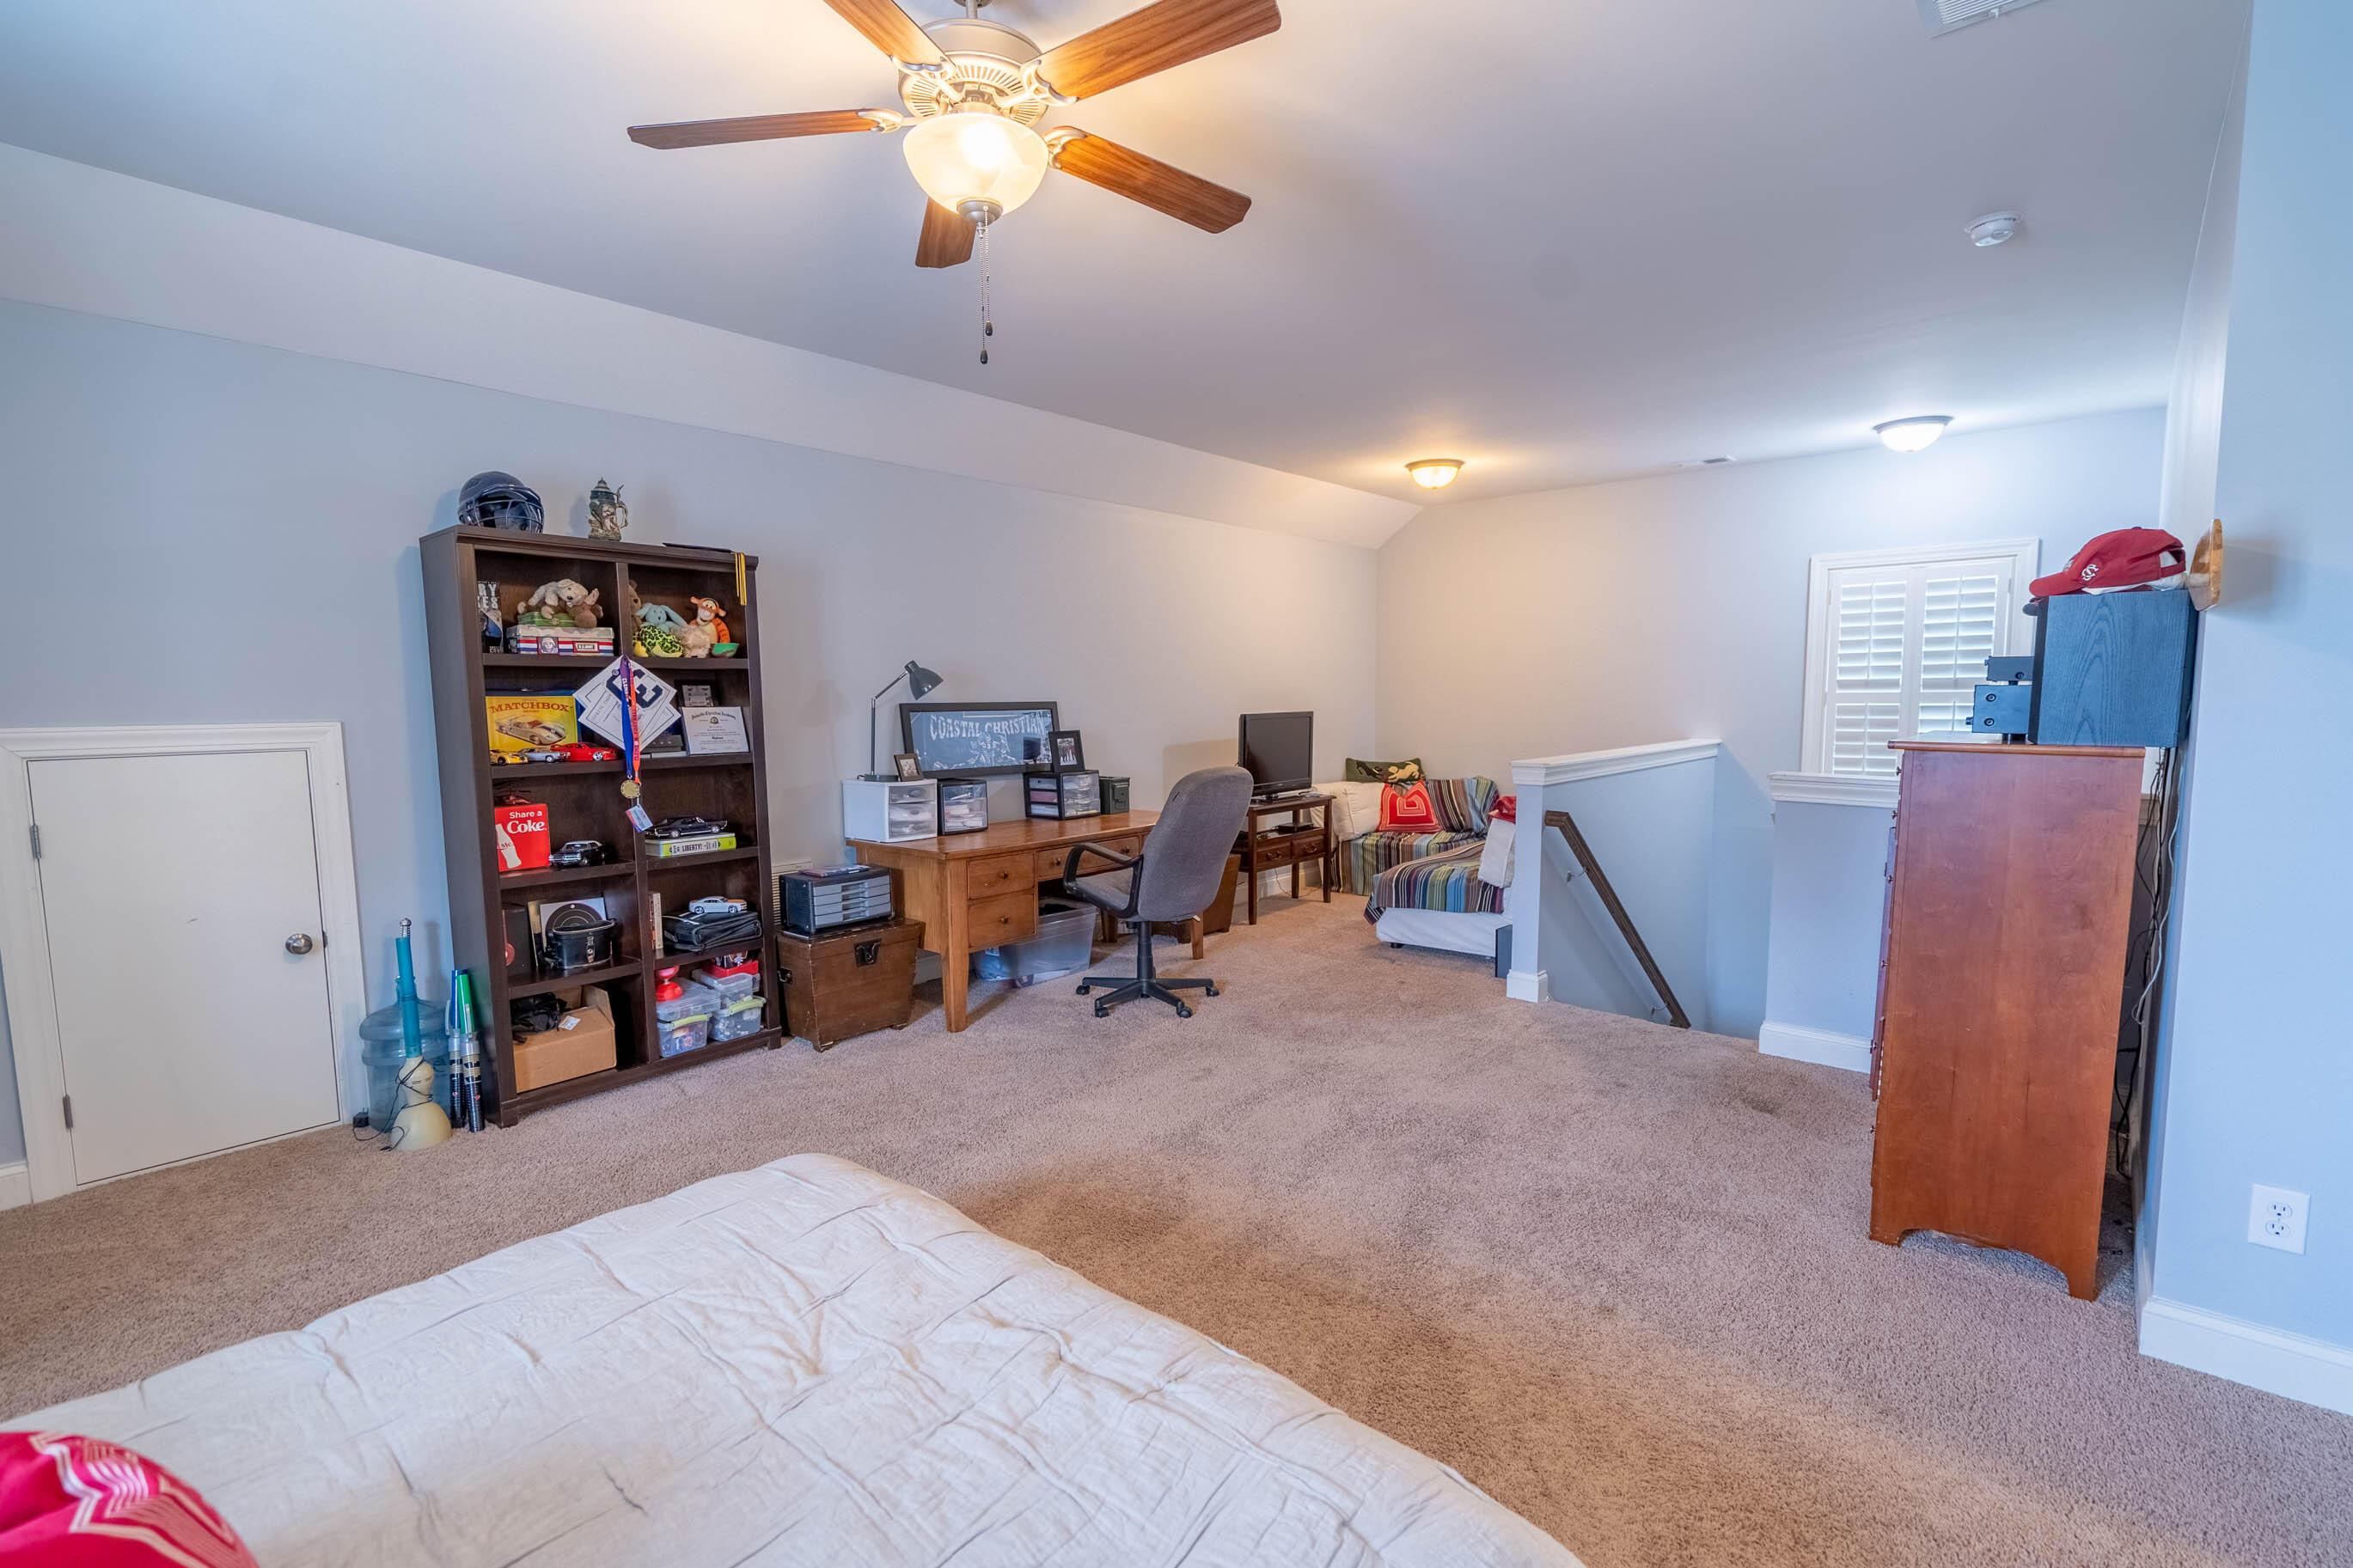 Dunes West Homes For Sale - 2997 Sturbridge, Mount Pleasant, SC - 49